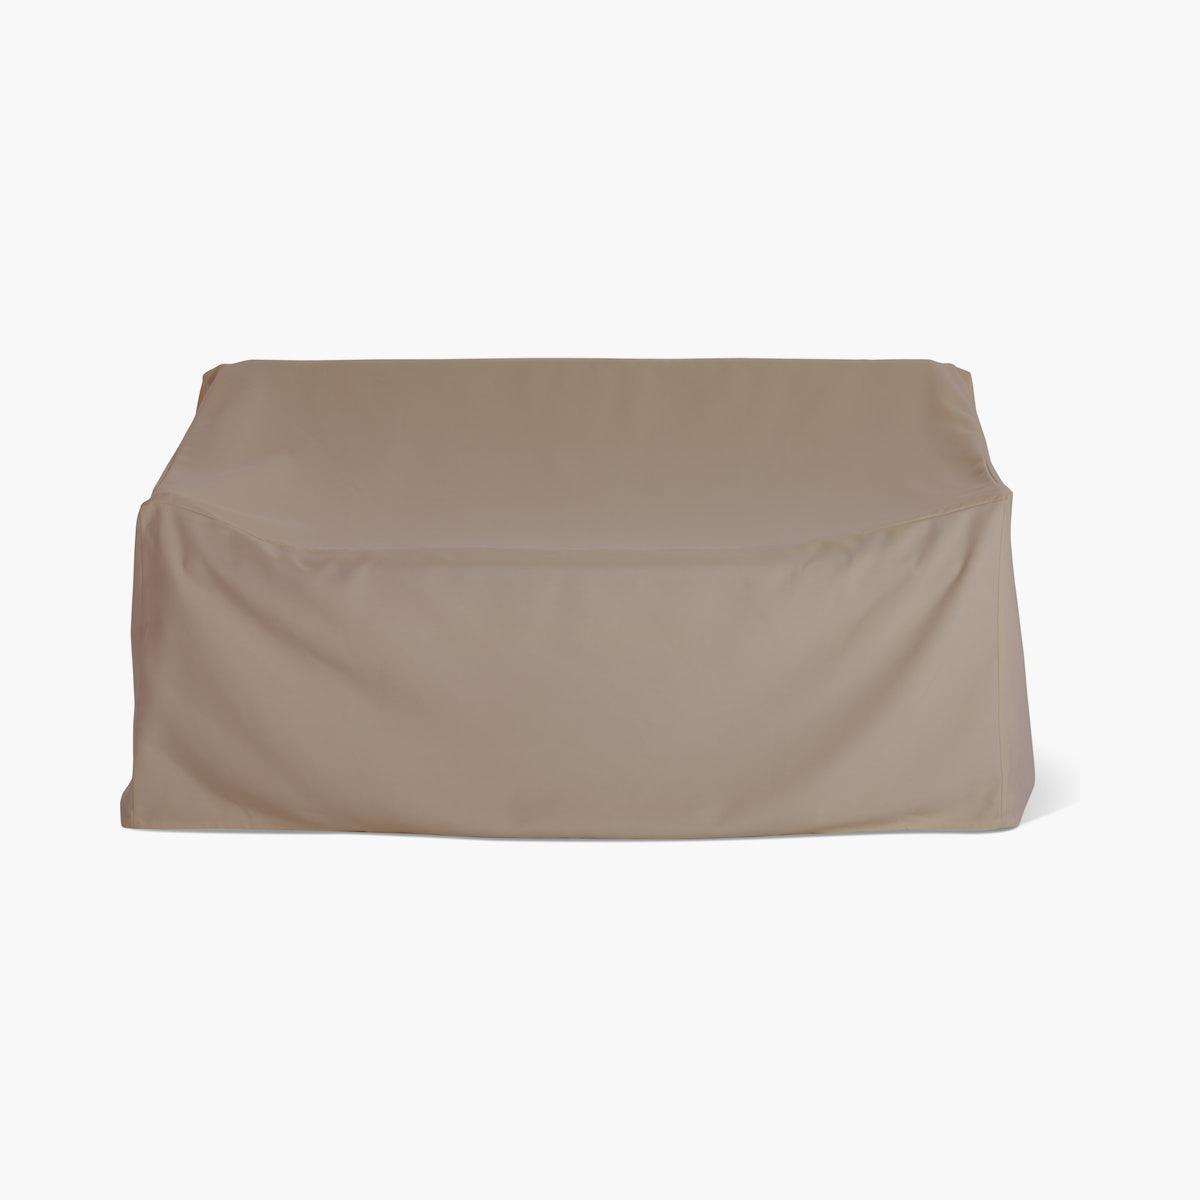 Sommer Sofa Cover